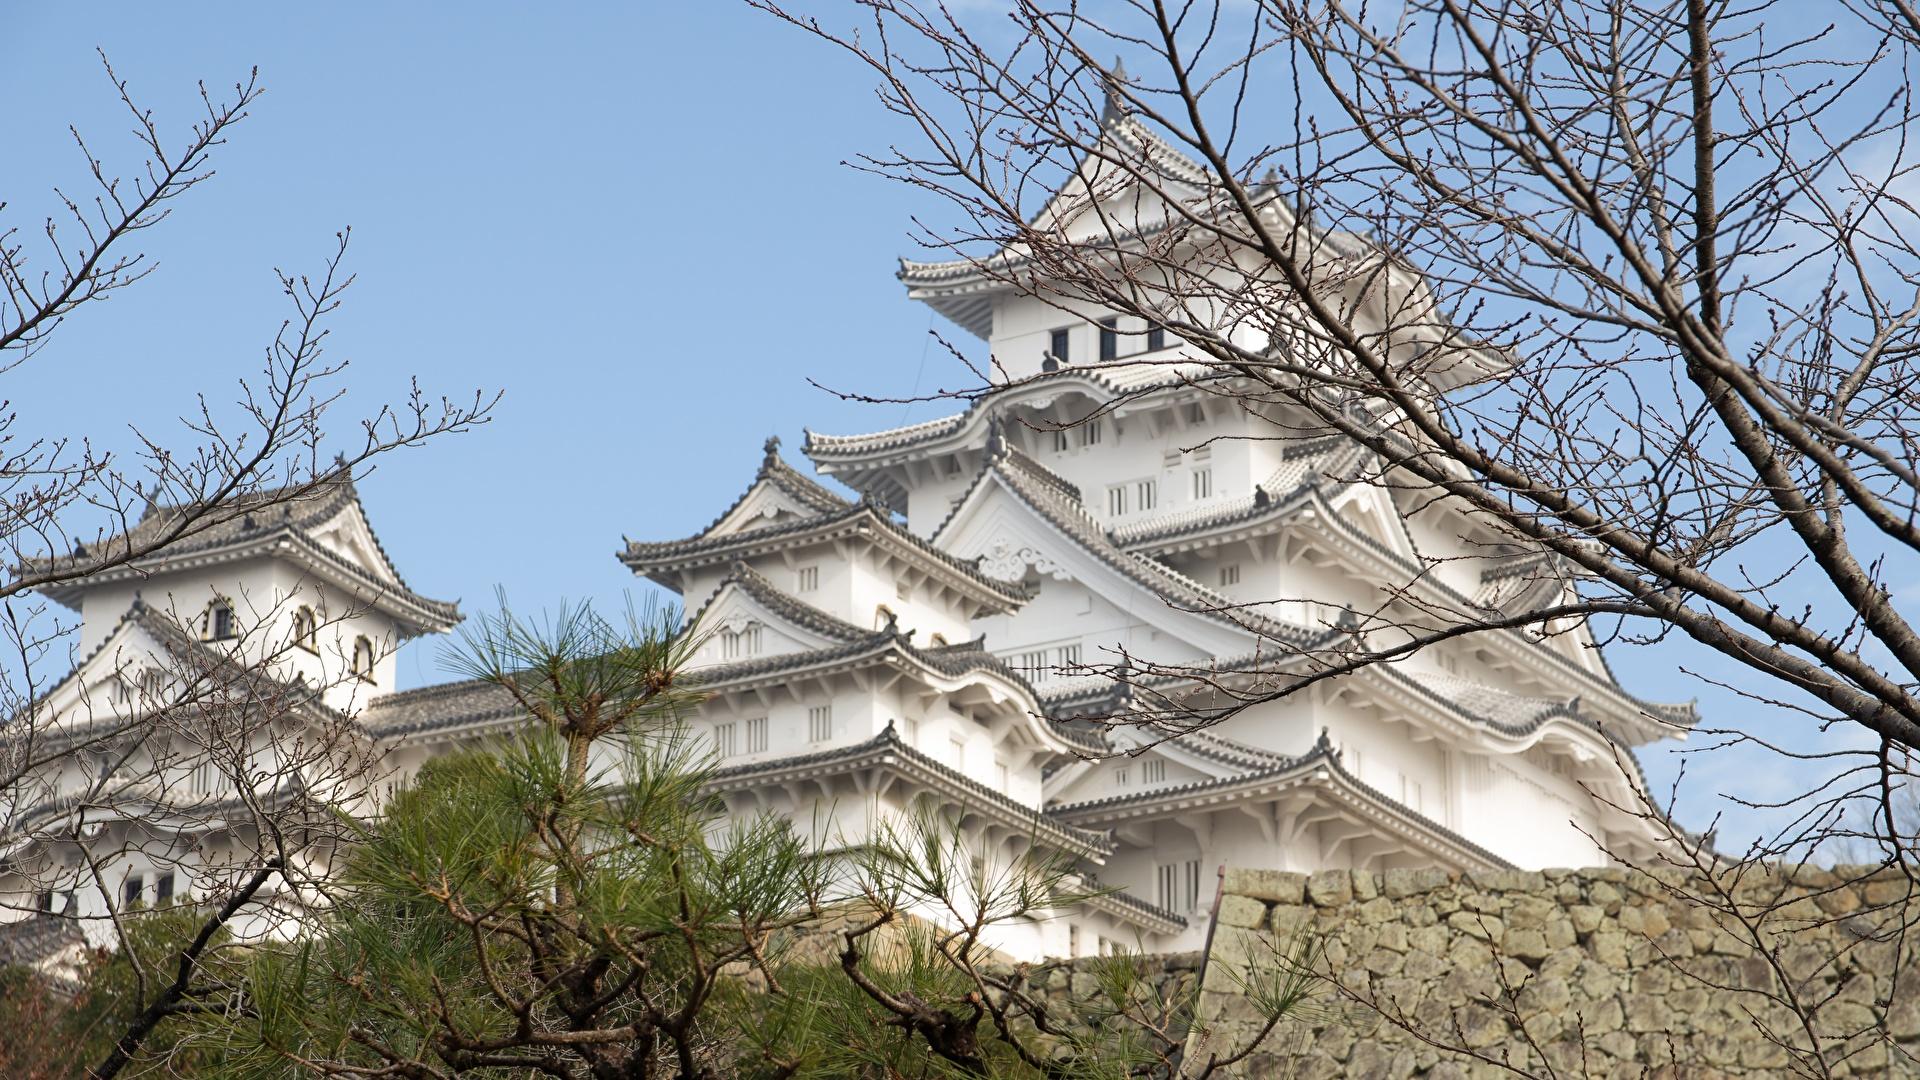 Bilder von Japan Himeji Castle, Hyogo prefecture Burg Ast Städte 1920x1080